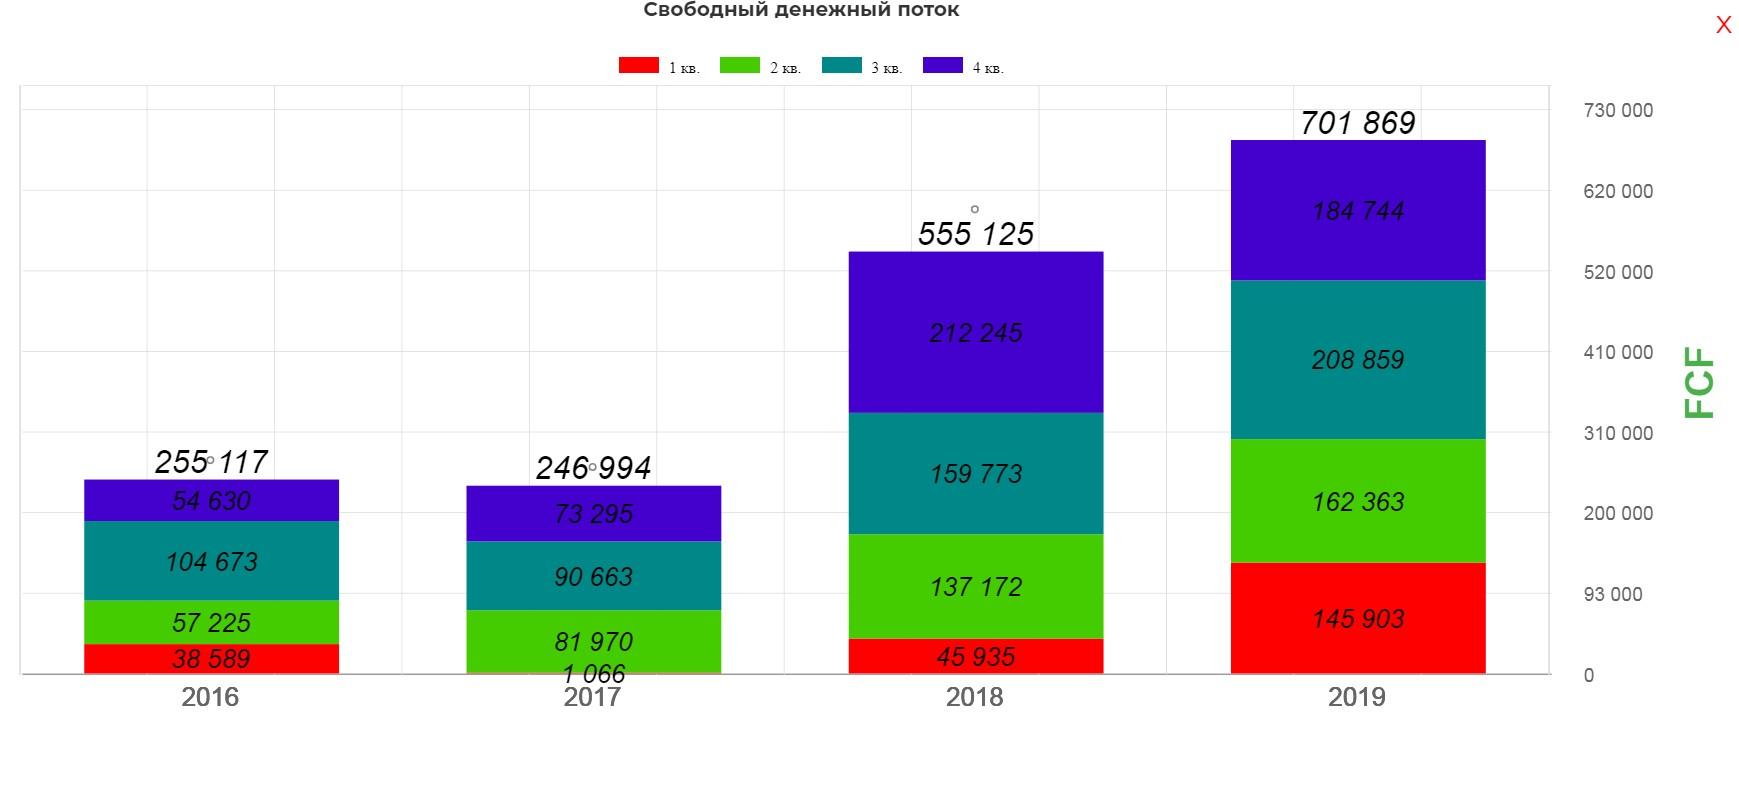 Лукойл. Обзор финансовых показателей за 4-й квартал 2019 года. Считаем дивиденды и удивляемся низким мультипликаторам.